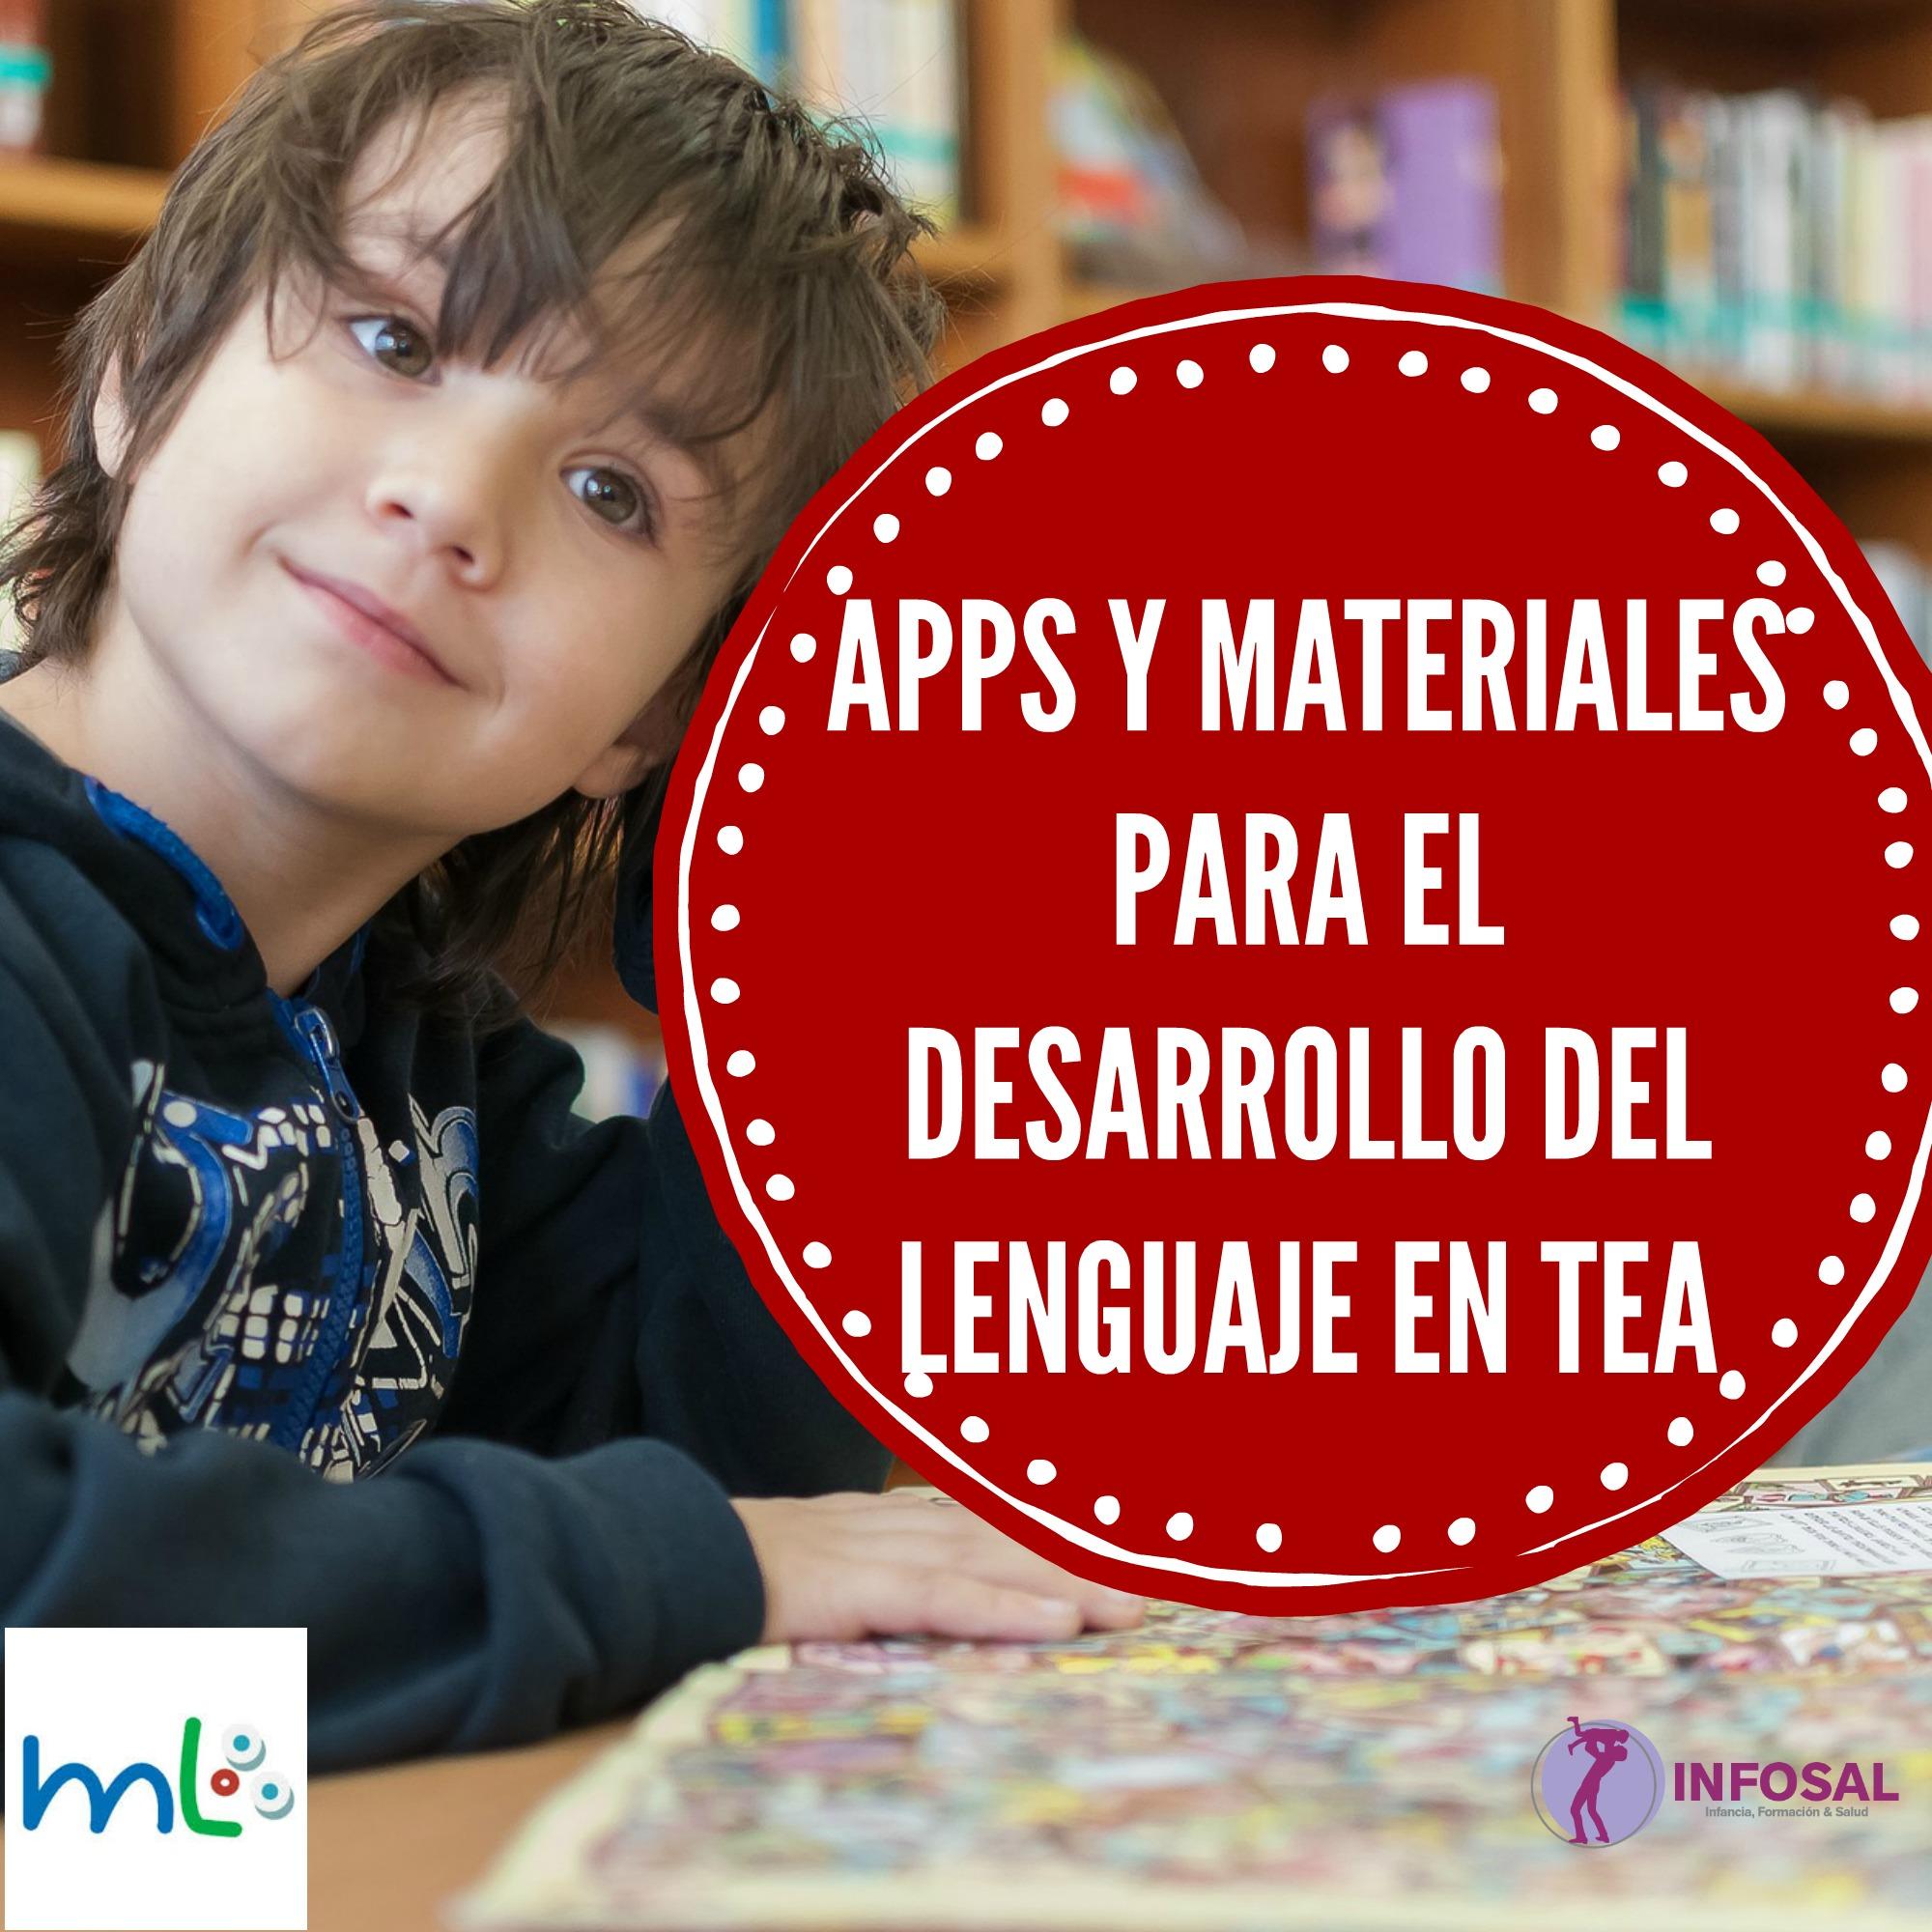 Resultado de imagen de APPS y Materiales para el desarrollo del lenguaje en TEA